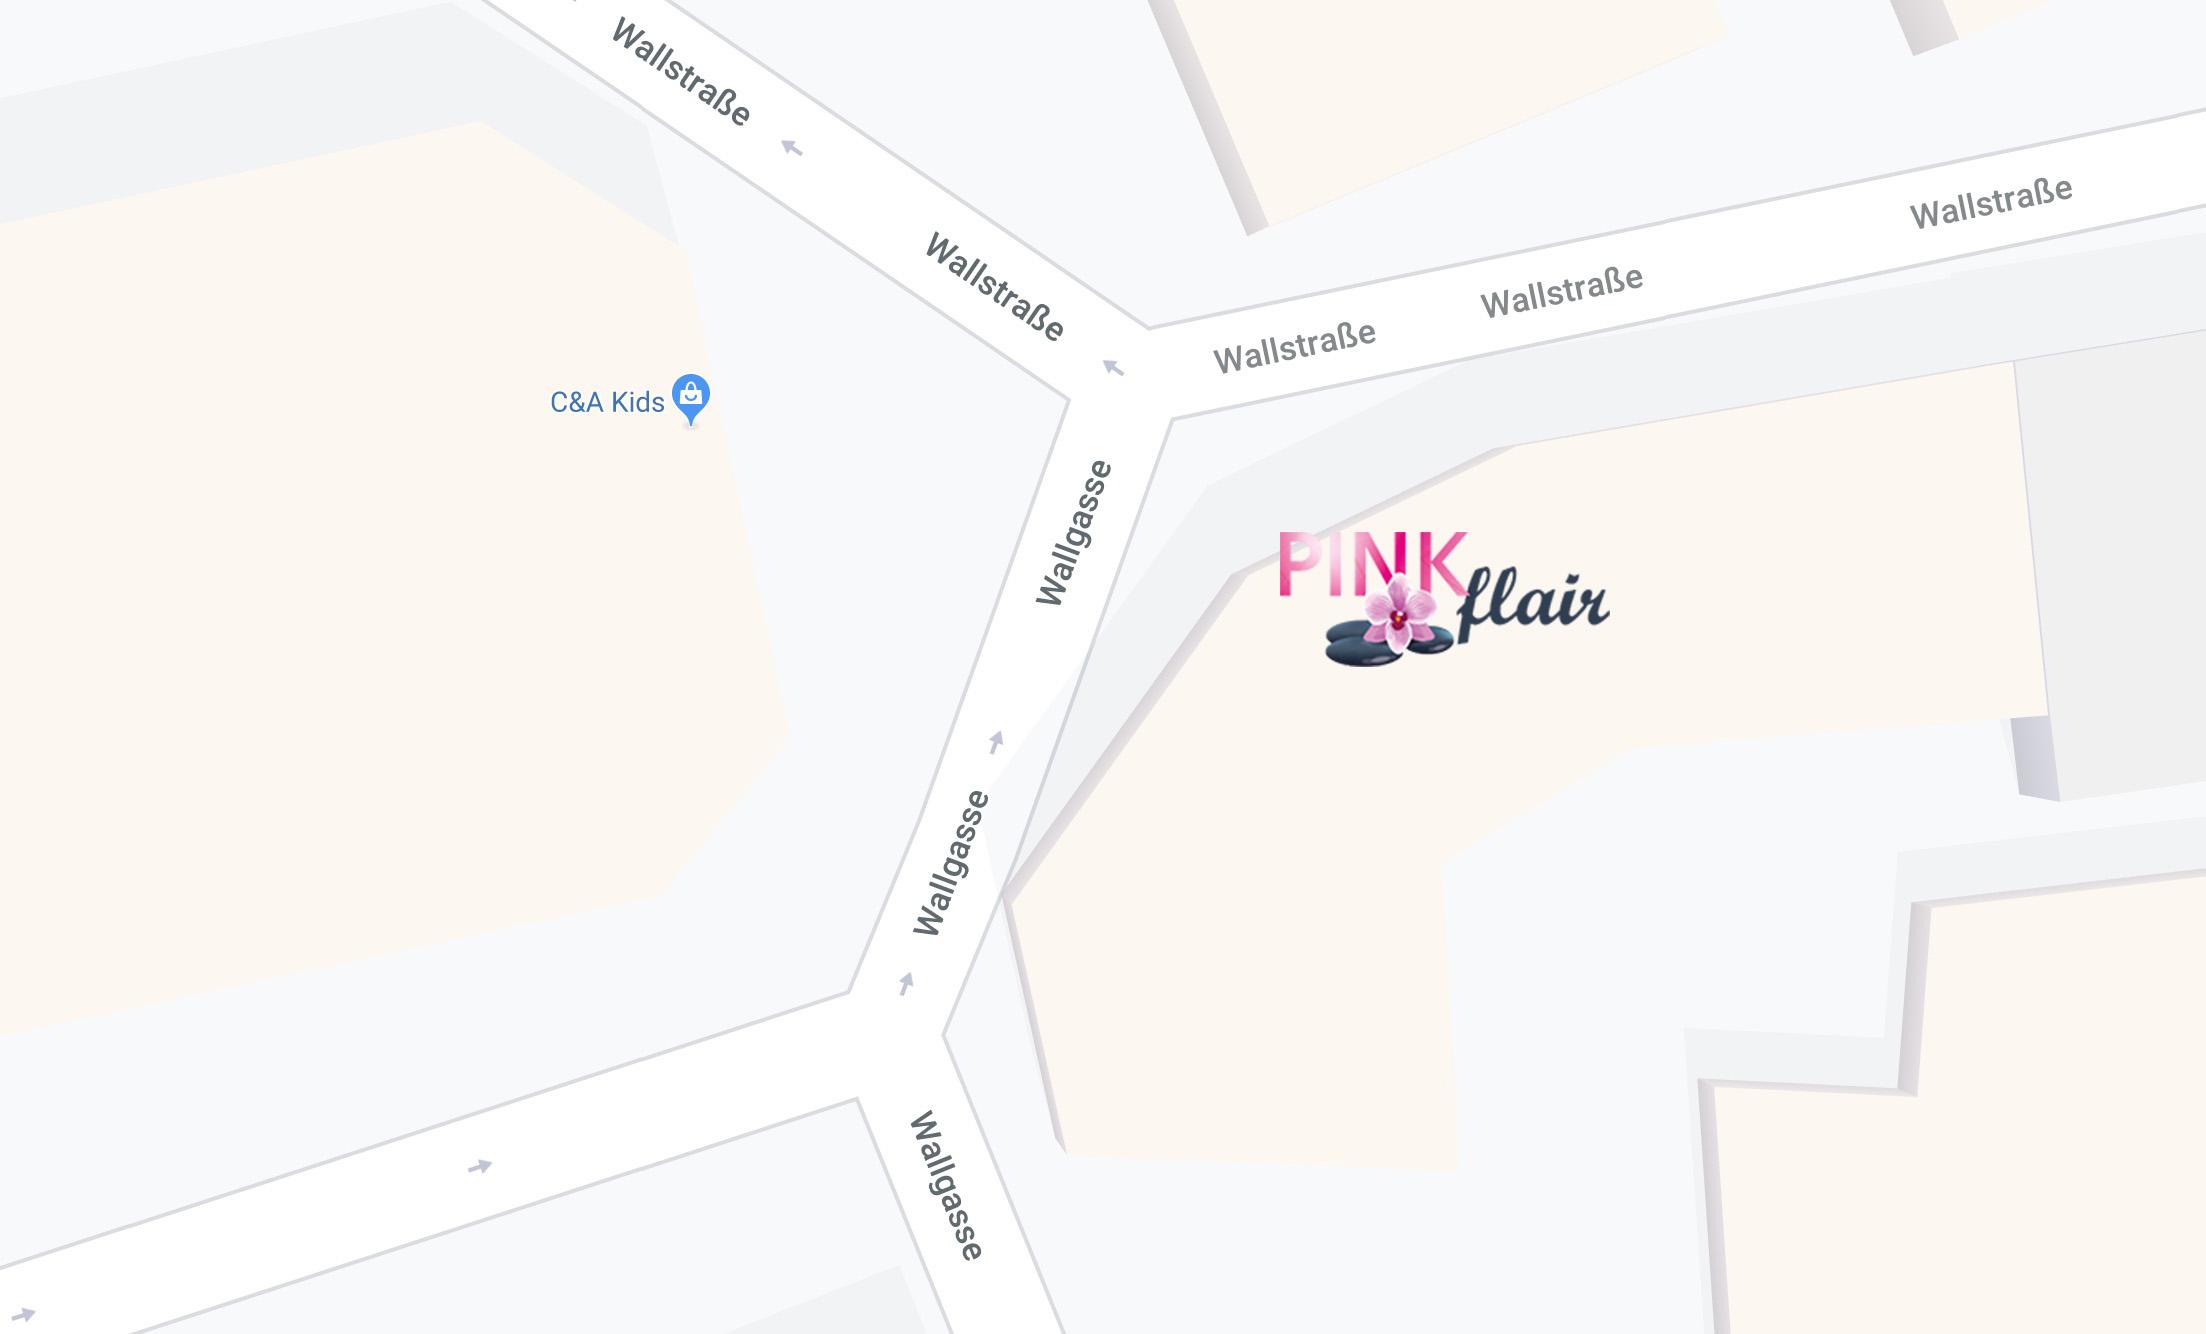 Anfahrt zu Pink-flair in Forchheim